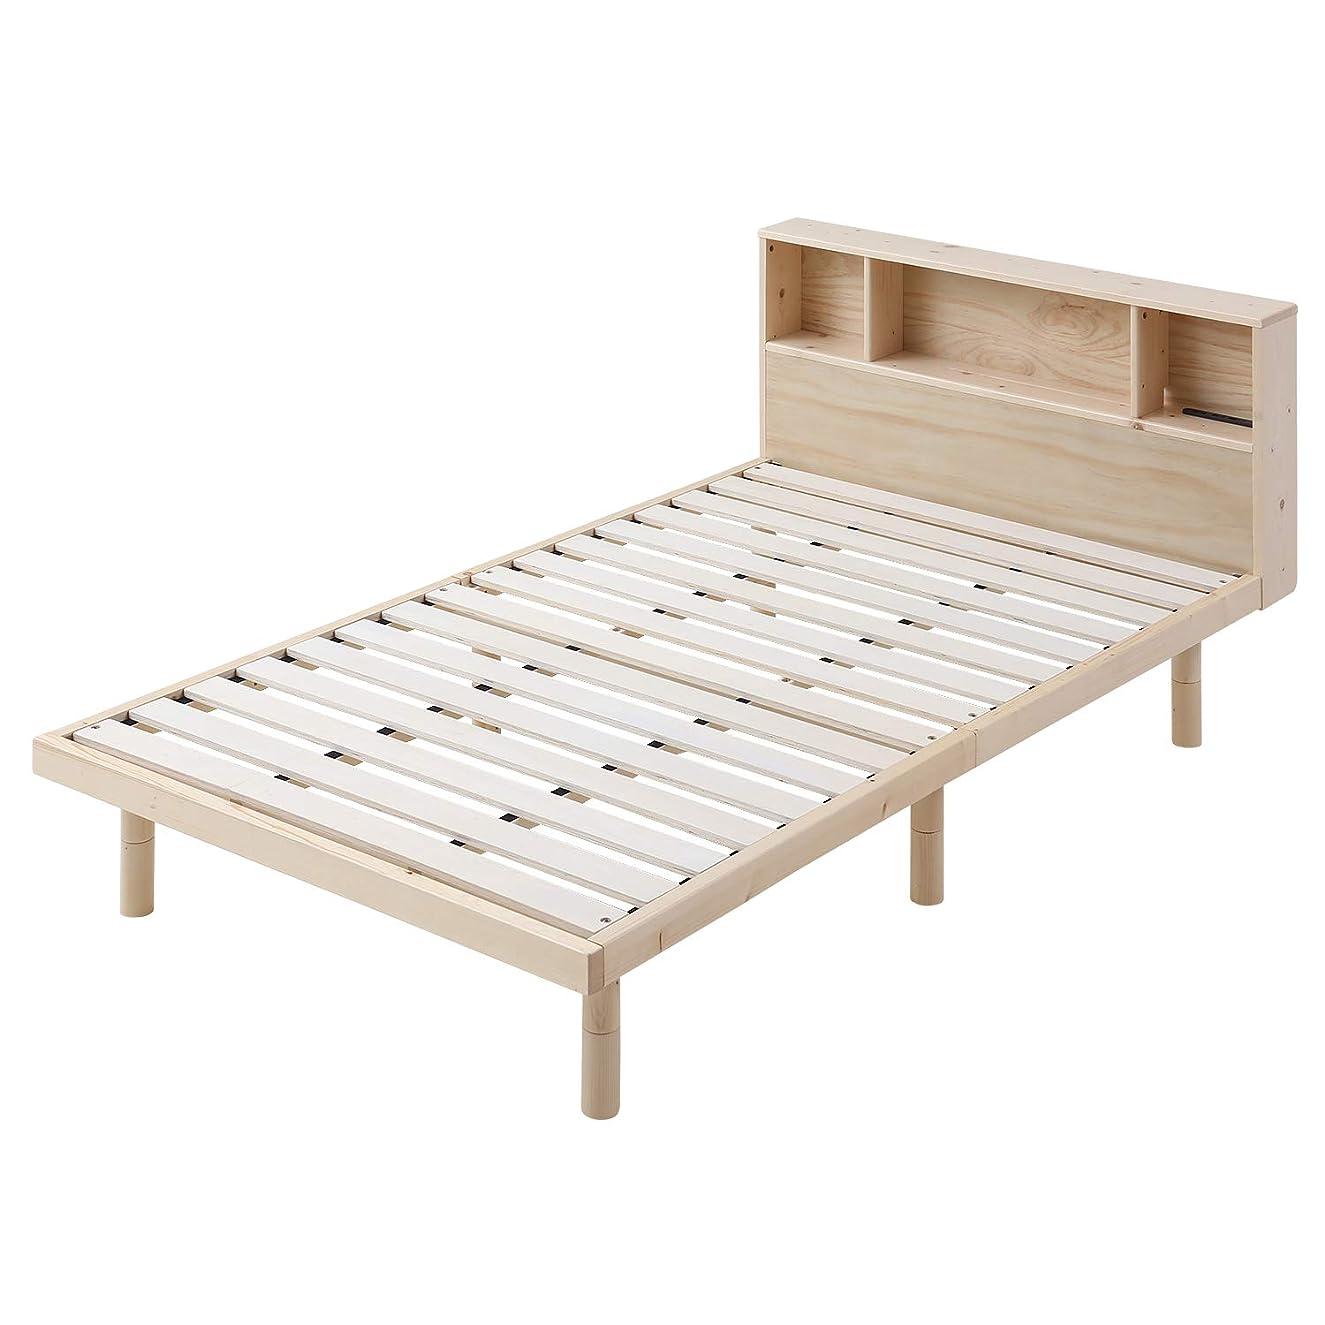 認知ベース誤解するモダンデコ 高さ調節可能 すのこベッド ヘッドボード 宮付き 収納付き ベッドフレーム 木製ベッド 天然木 無垢材 脚付きベッド コンセント付き 【Cuenca】シングルサイズ (ナチュラル)